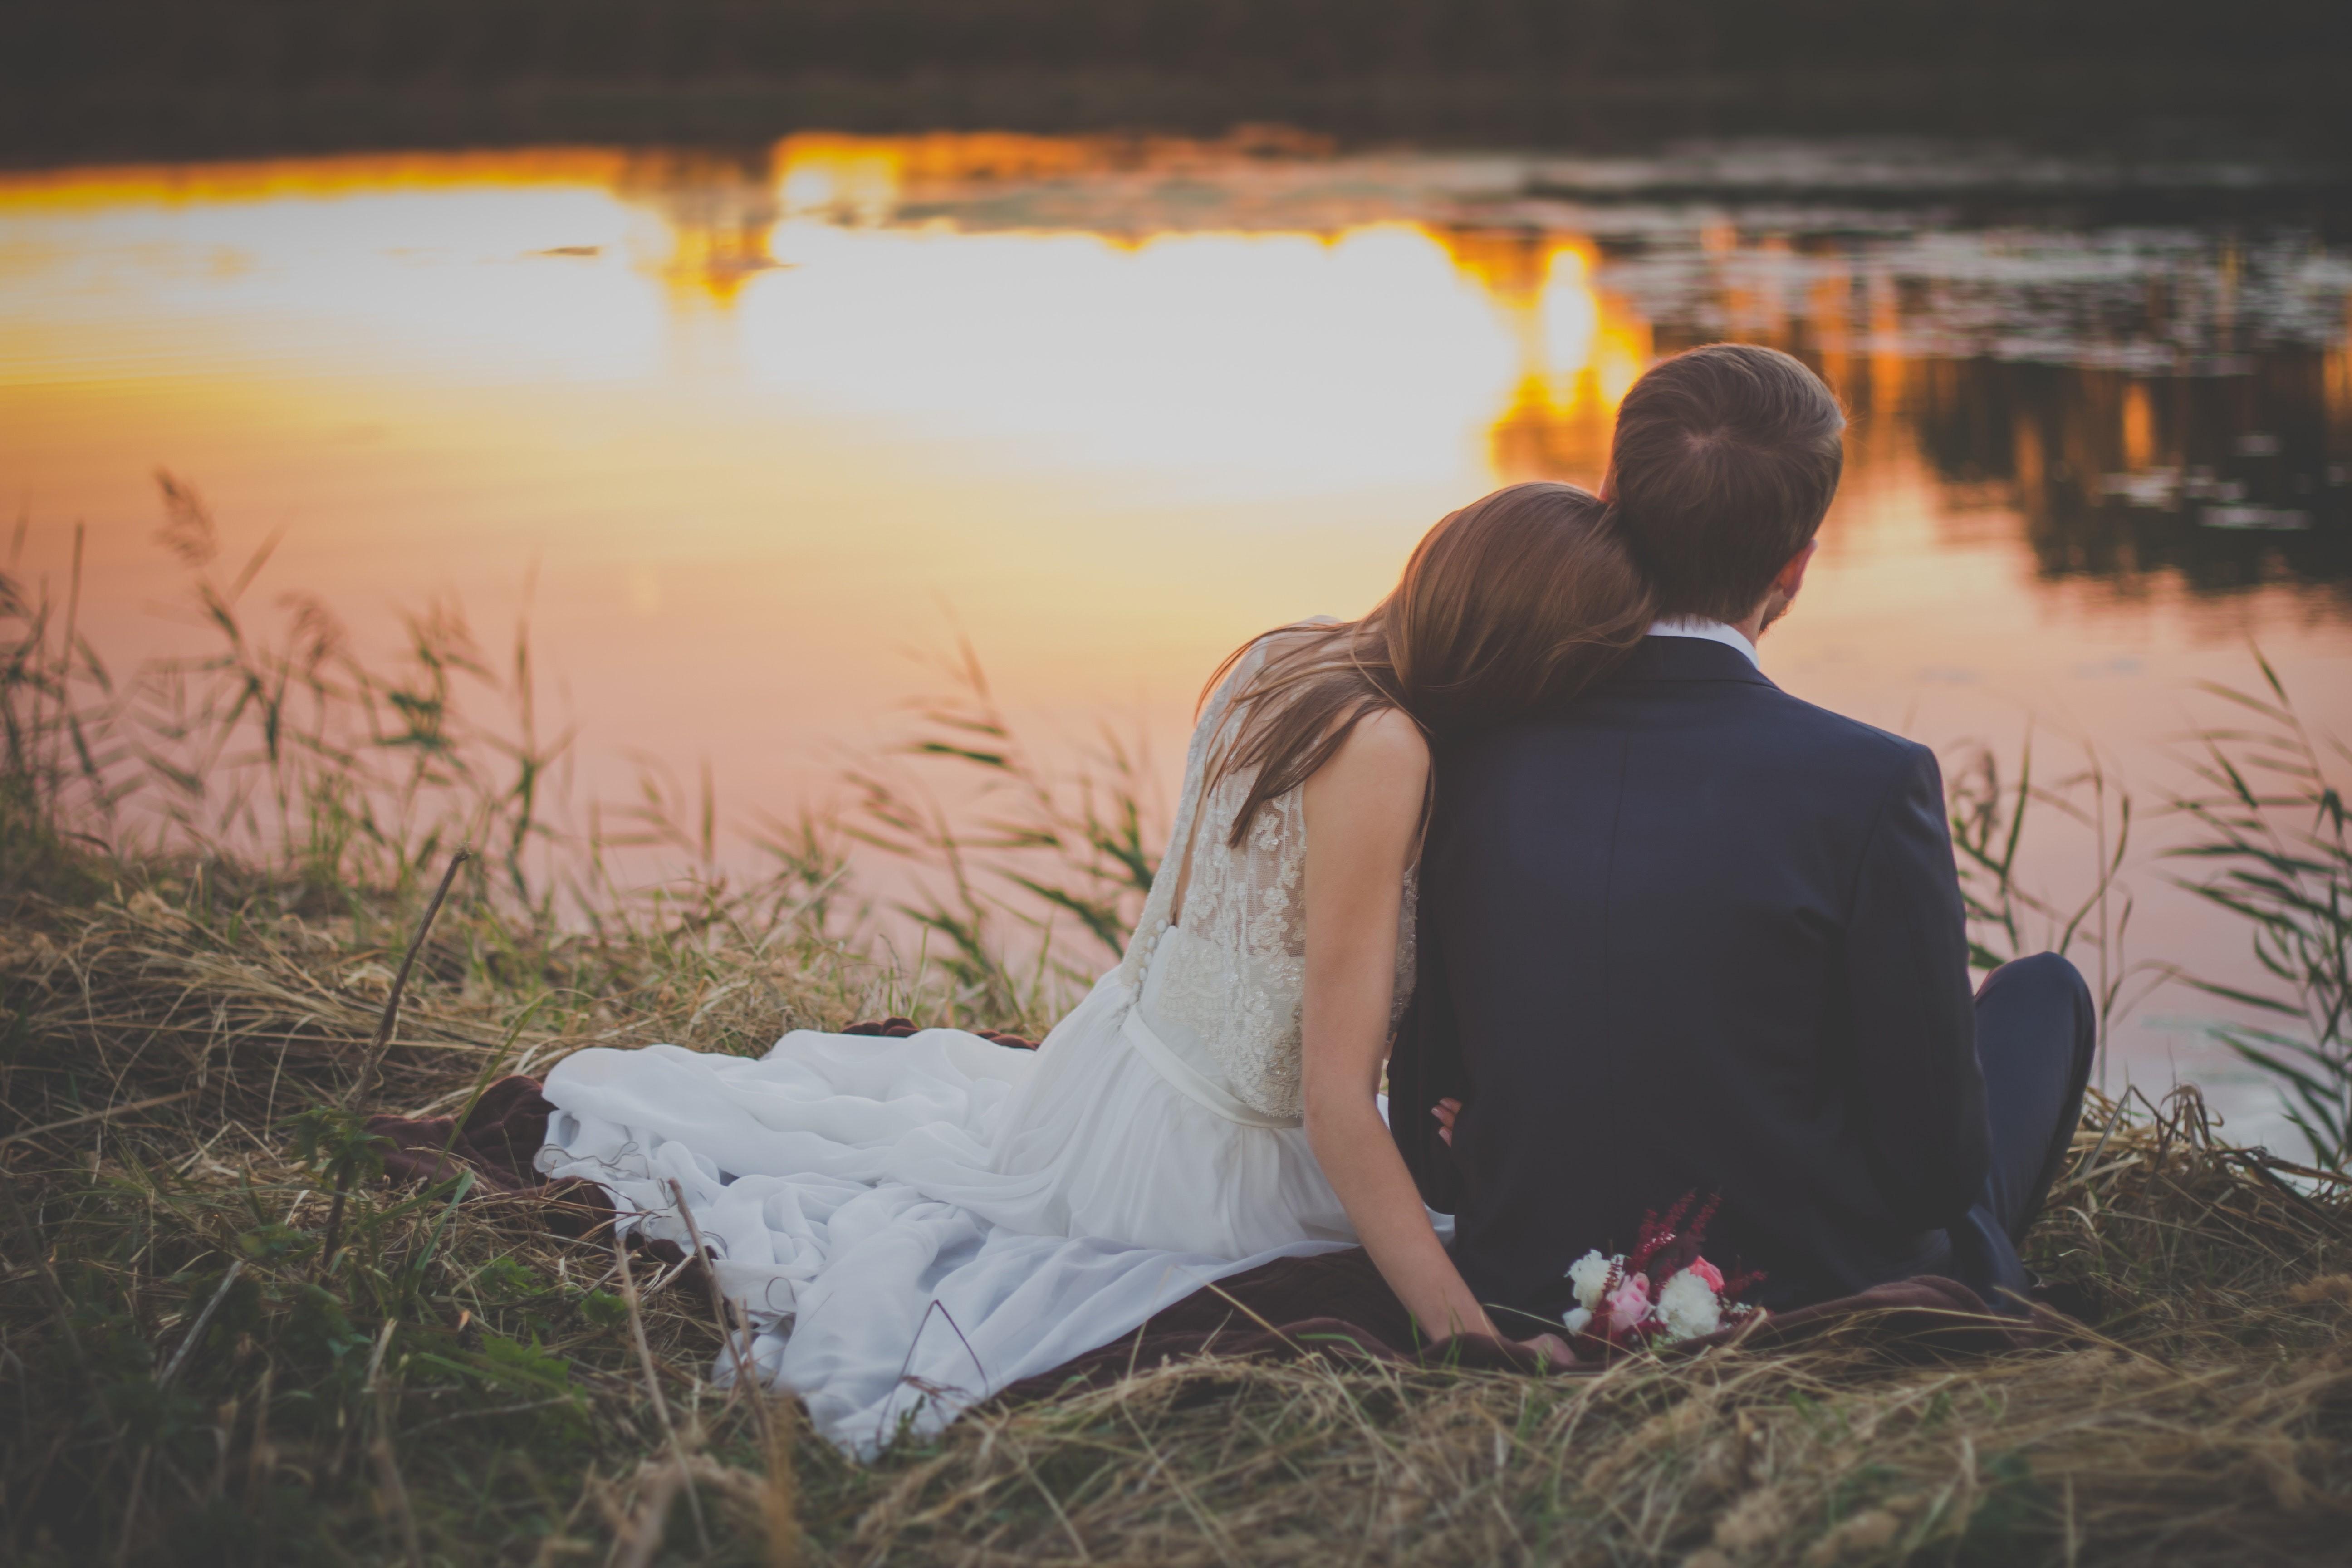 約會,結婚,戀愛(圖/取自免費圖庫Pexels)